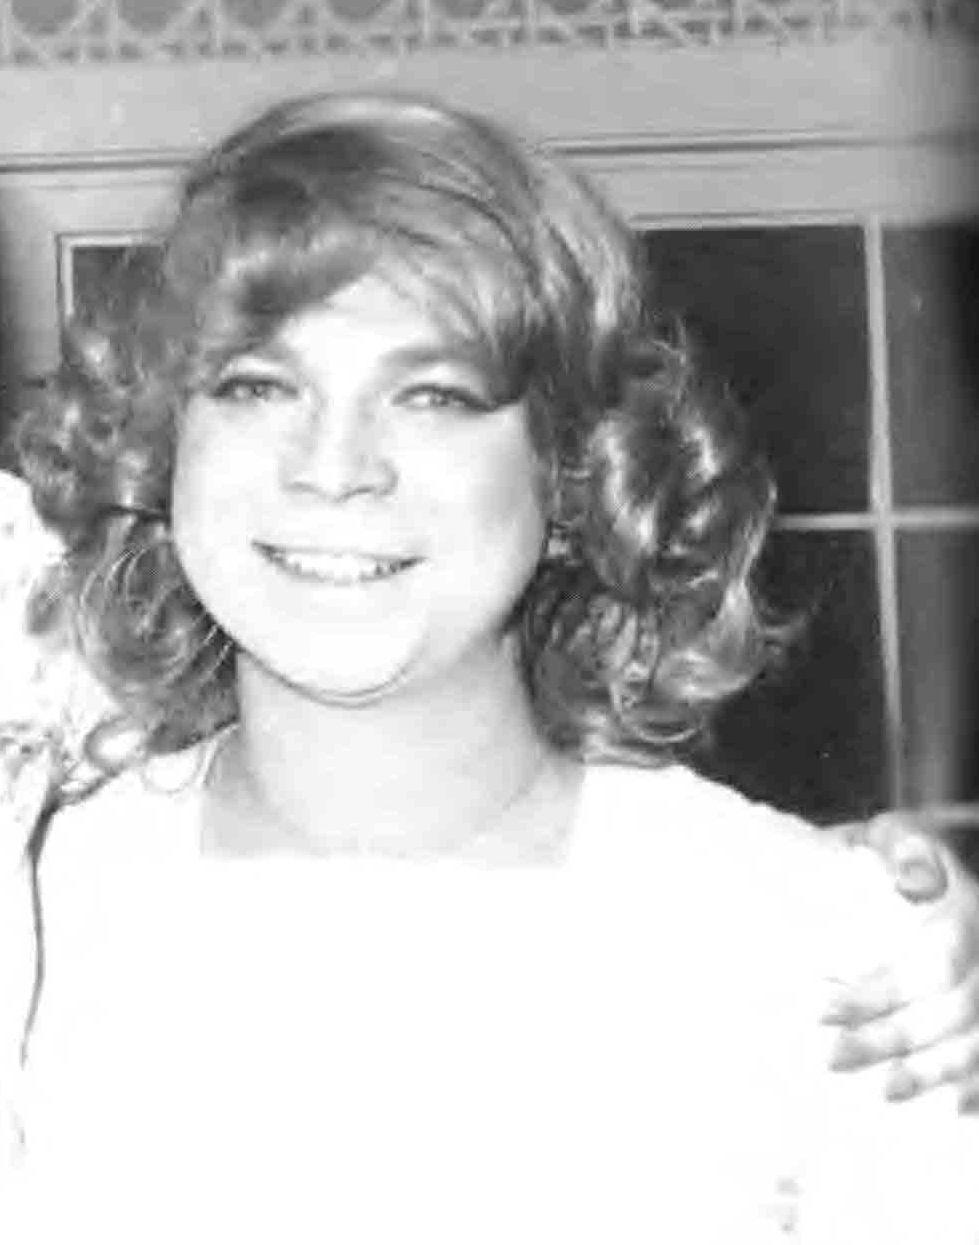 A Young Andrea Susan